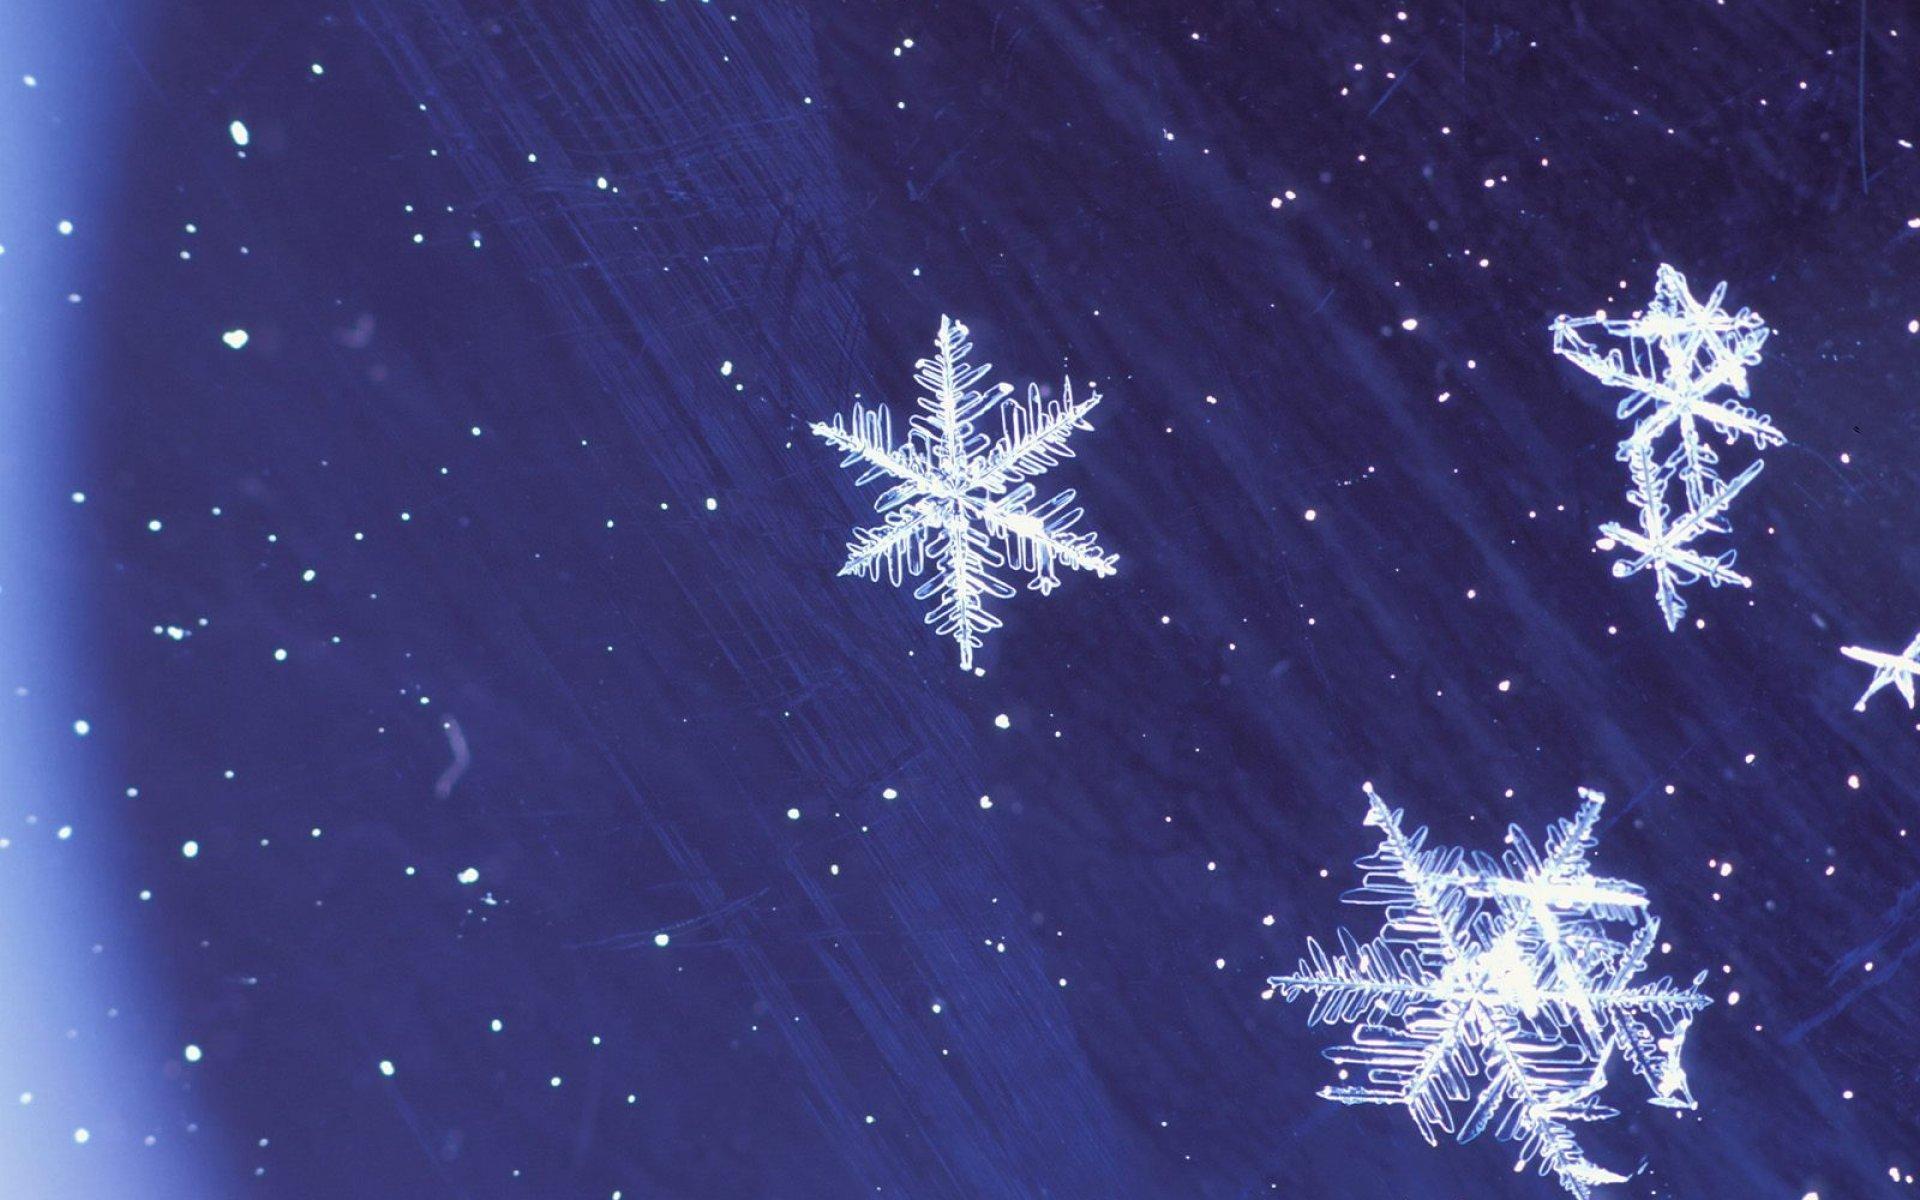 Скачать обои снежинки на стекле 1920x1200